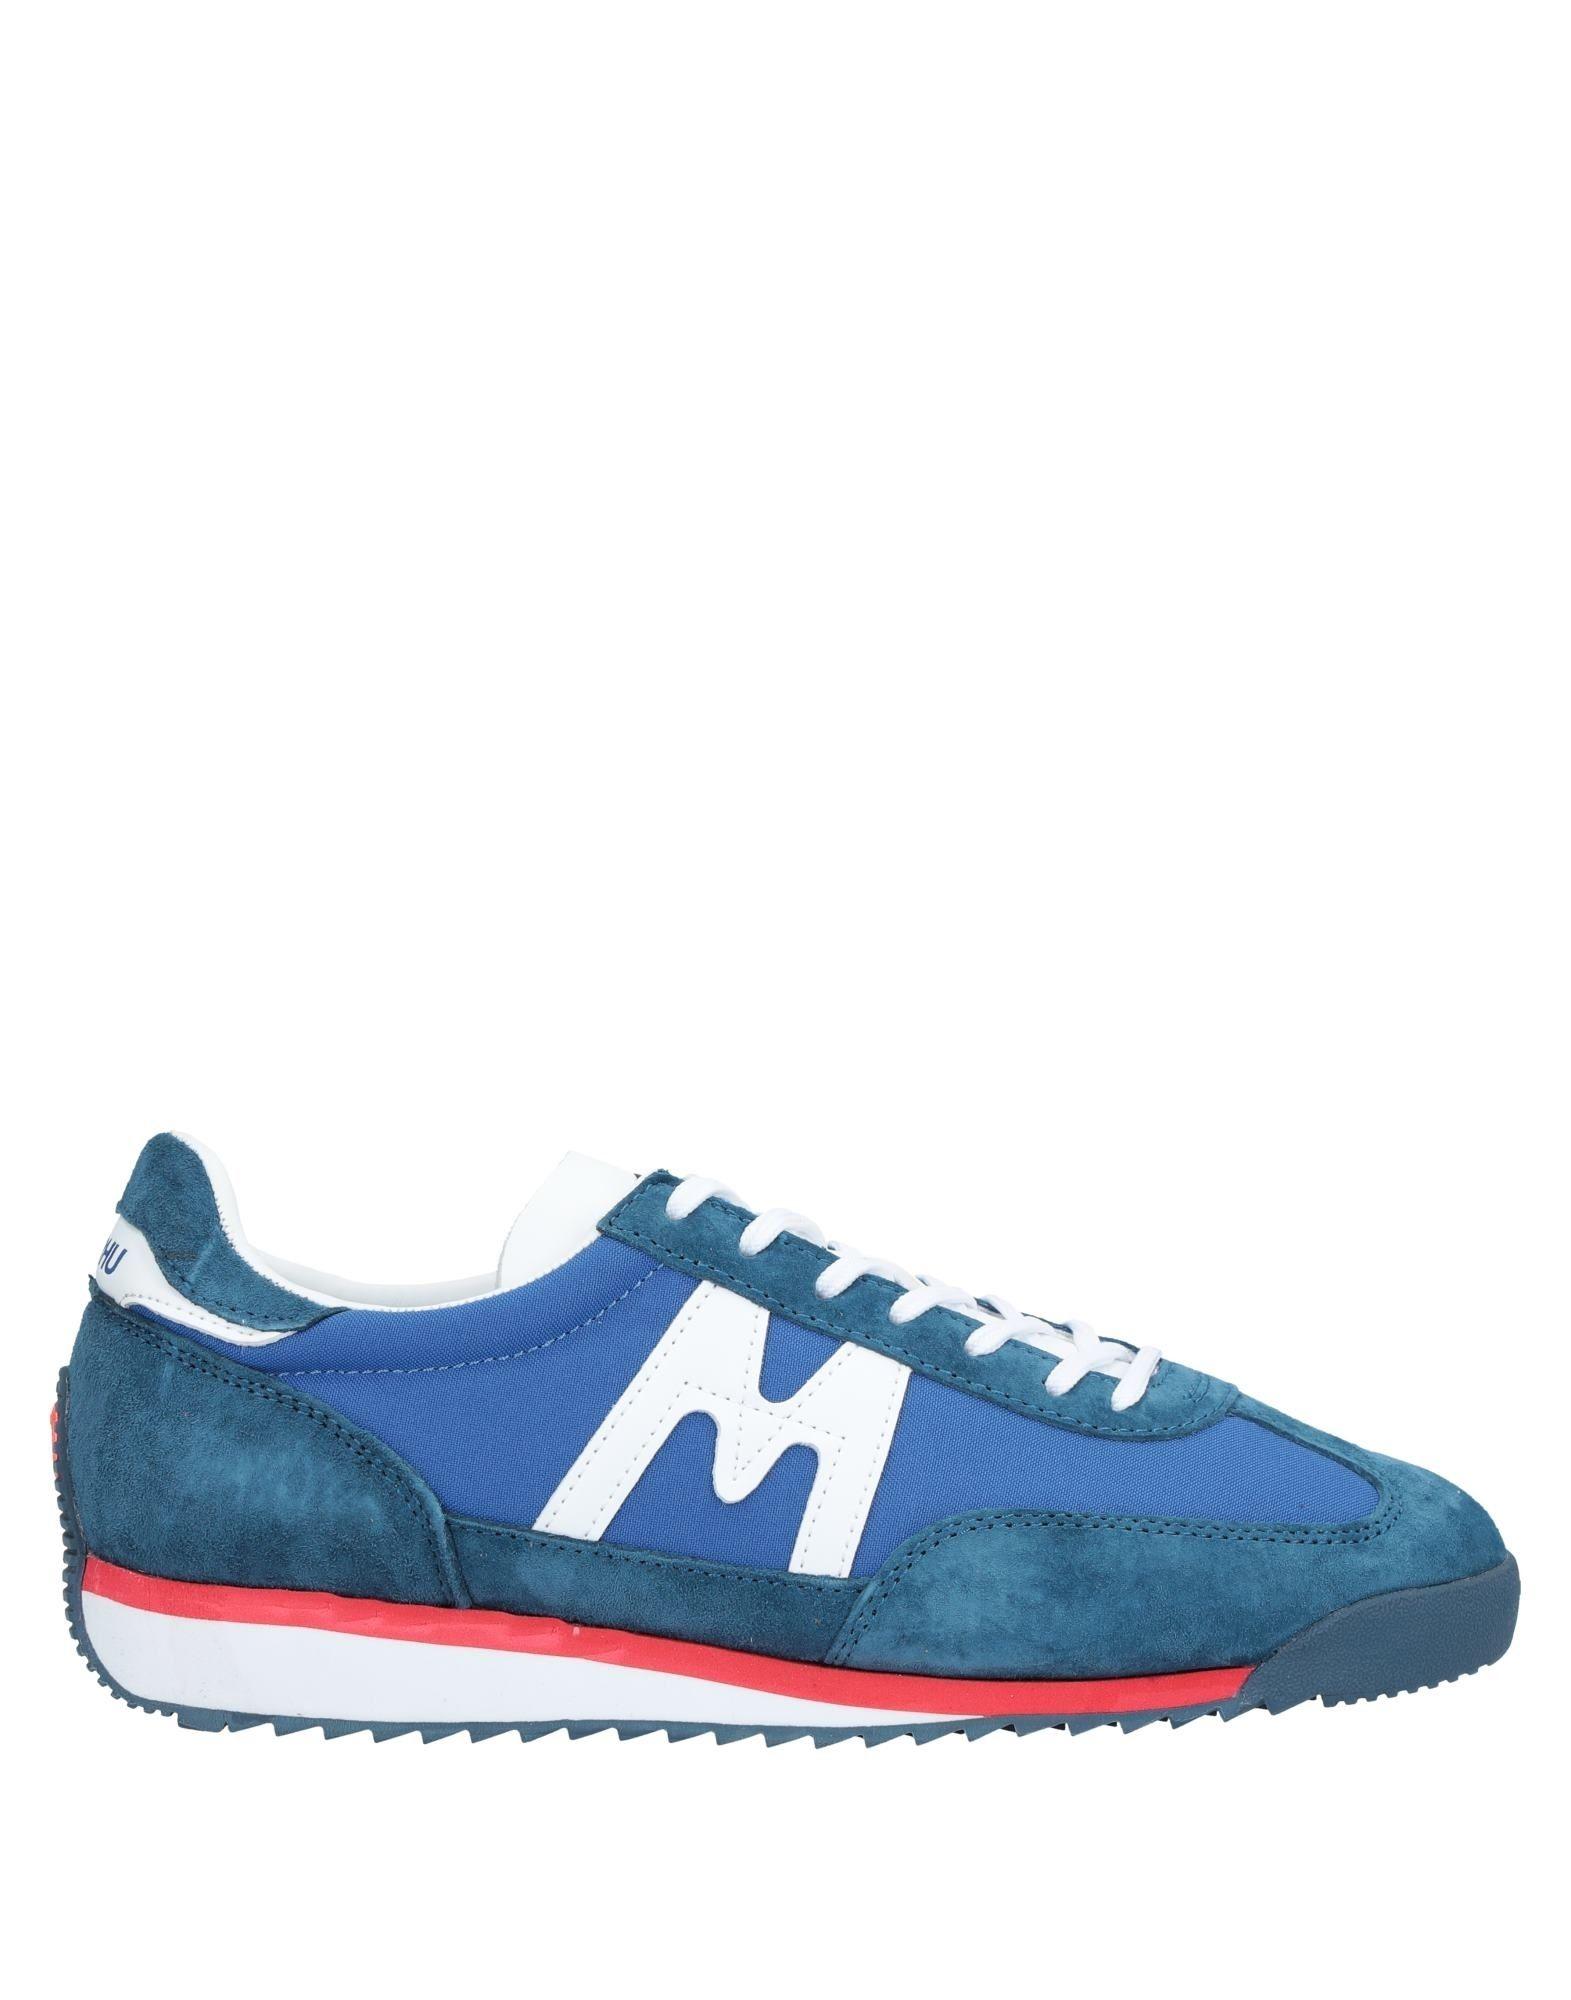 Rabatt echte Schuhe Karhu Sneakers 11533396DF Herren  11533396DF Sneakers 4ac627